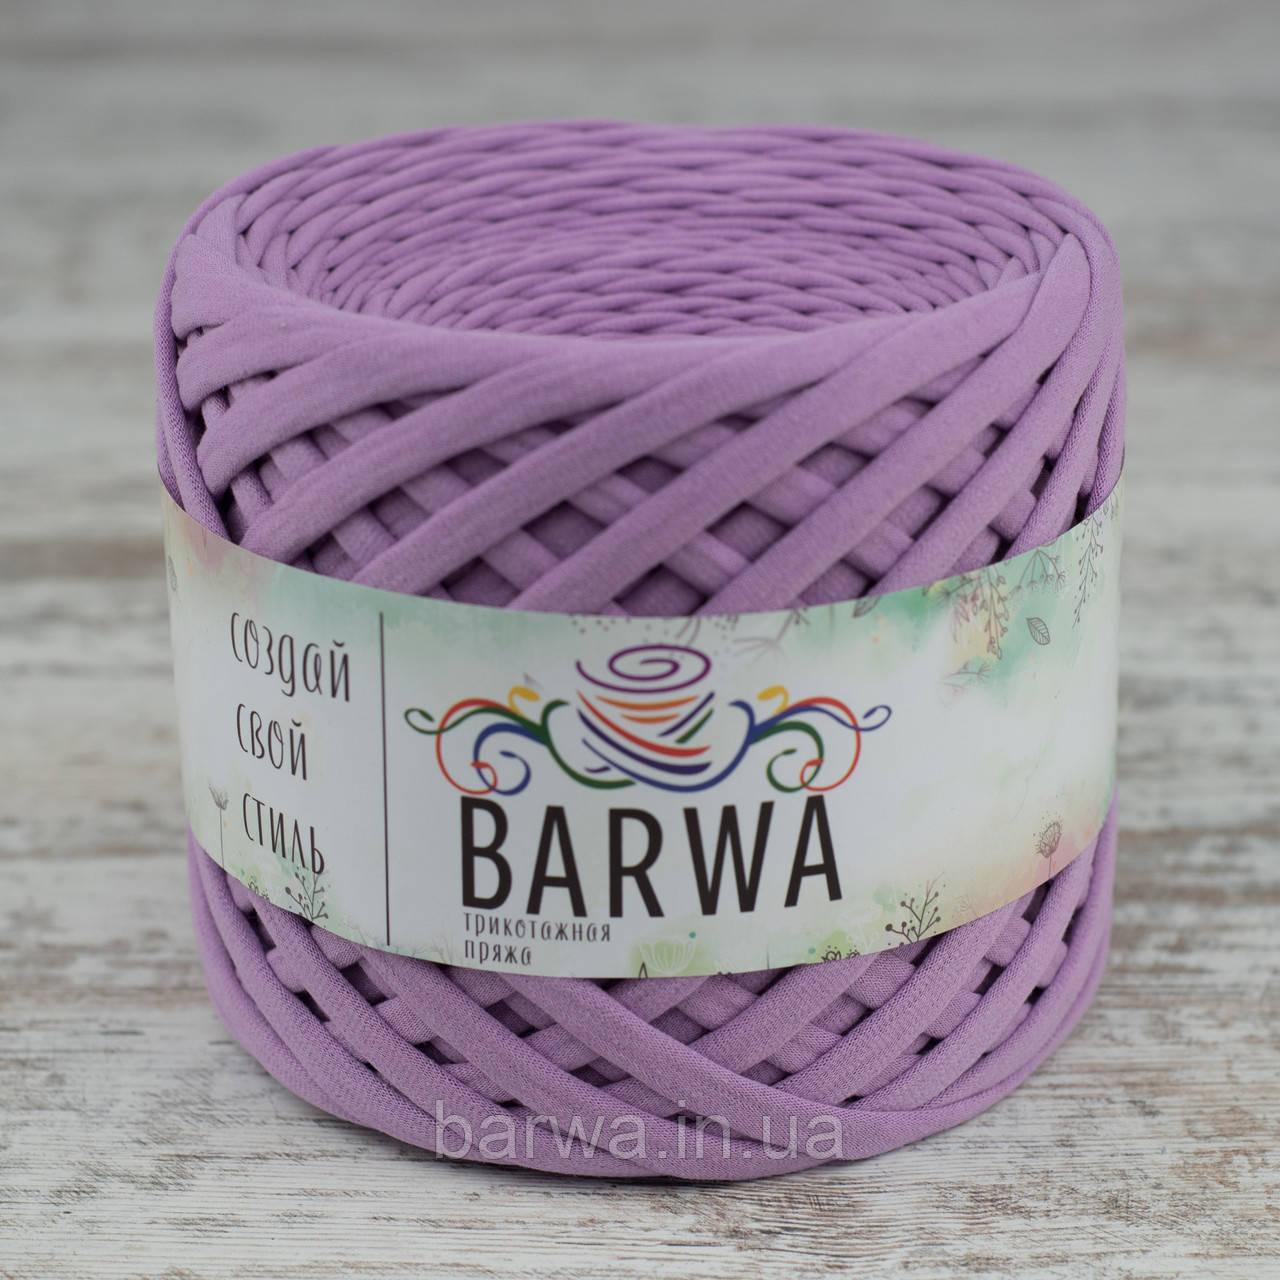 Трикотажная пряжа BARWA light 5-7 мм, Нежная сирень (Tender lilac)